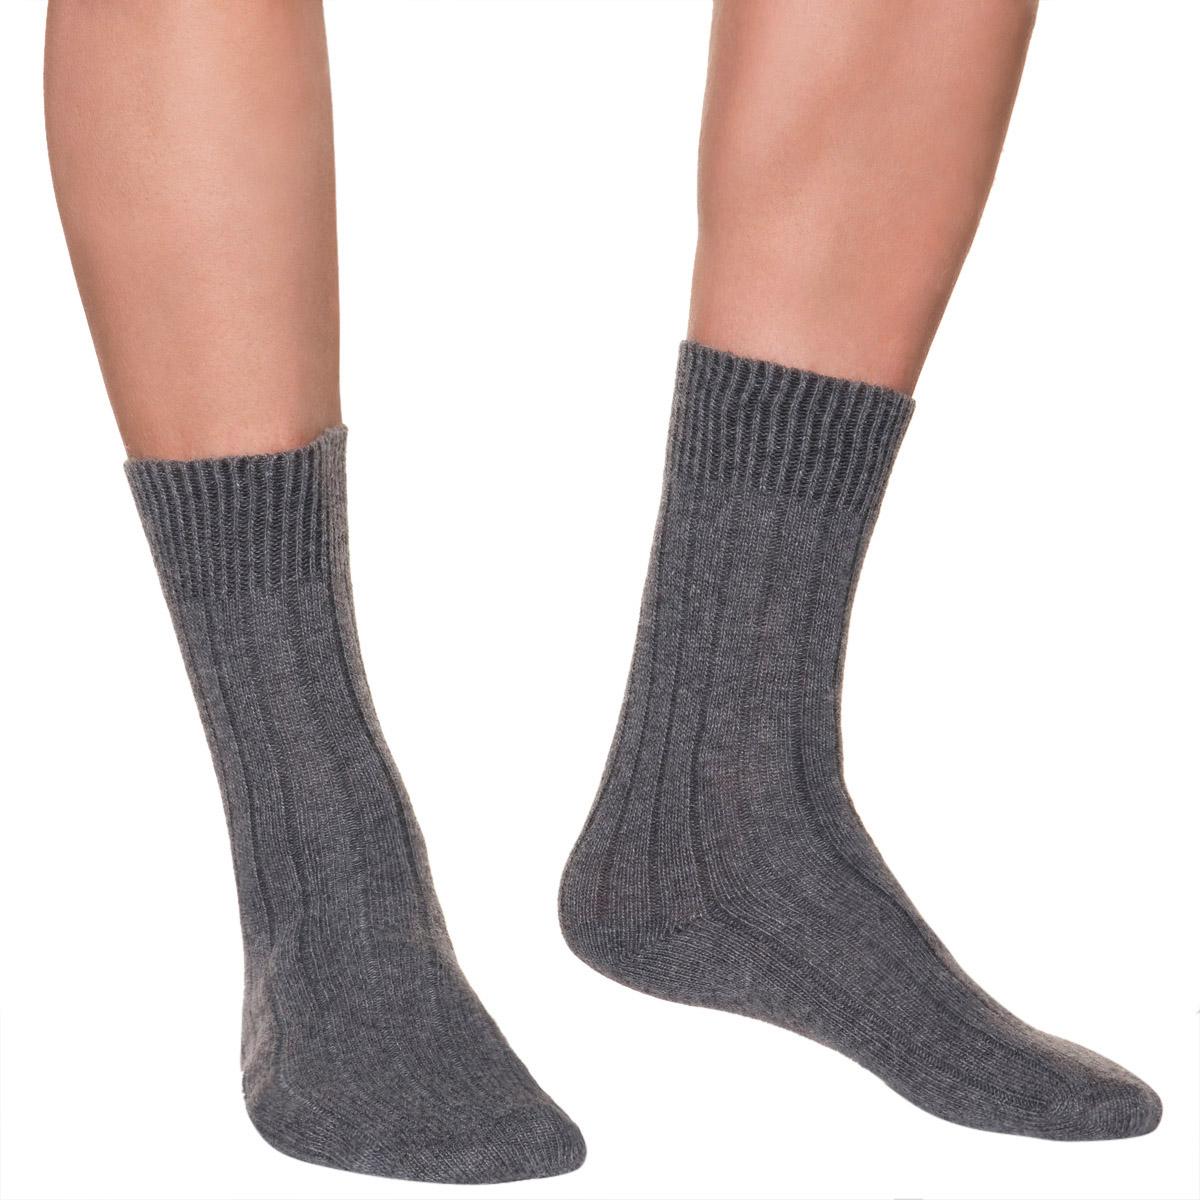 Mi-chaussettes anthracites en laine et cachemire Homme